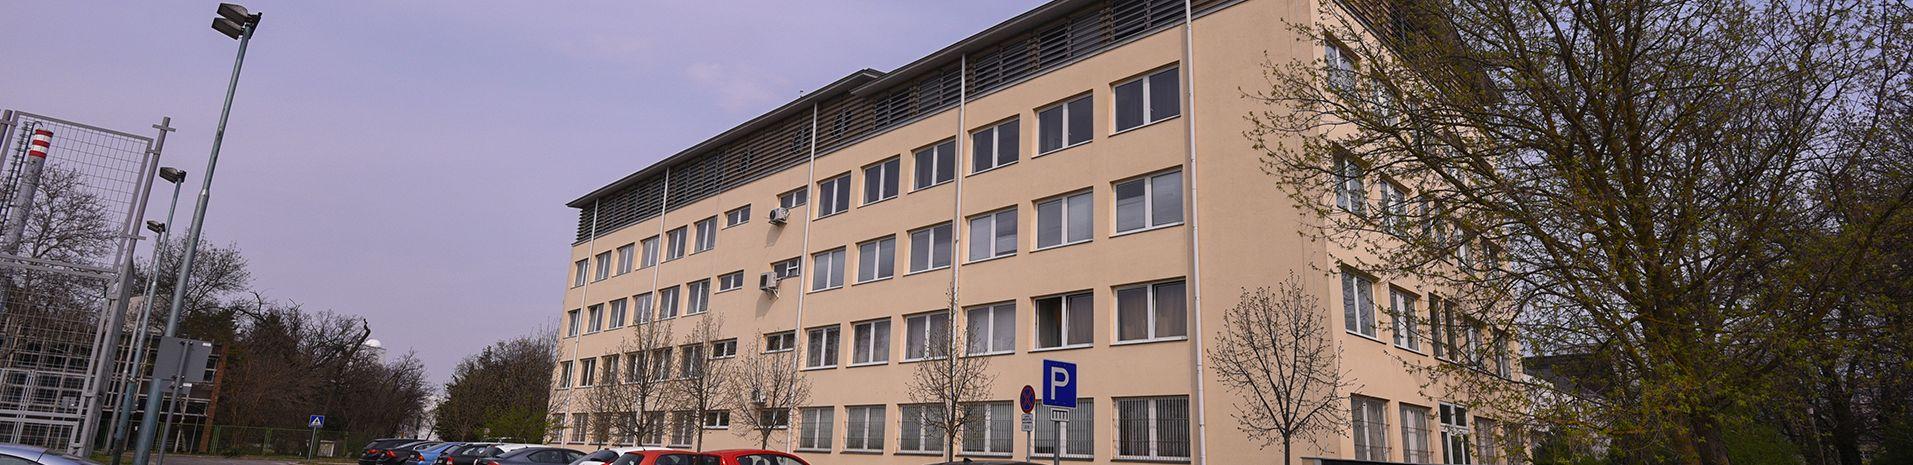 Debreceni Egyetem Matematikai Intézet